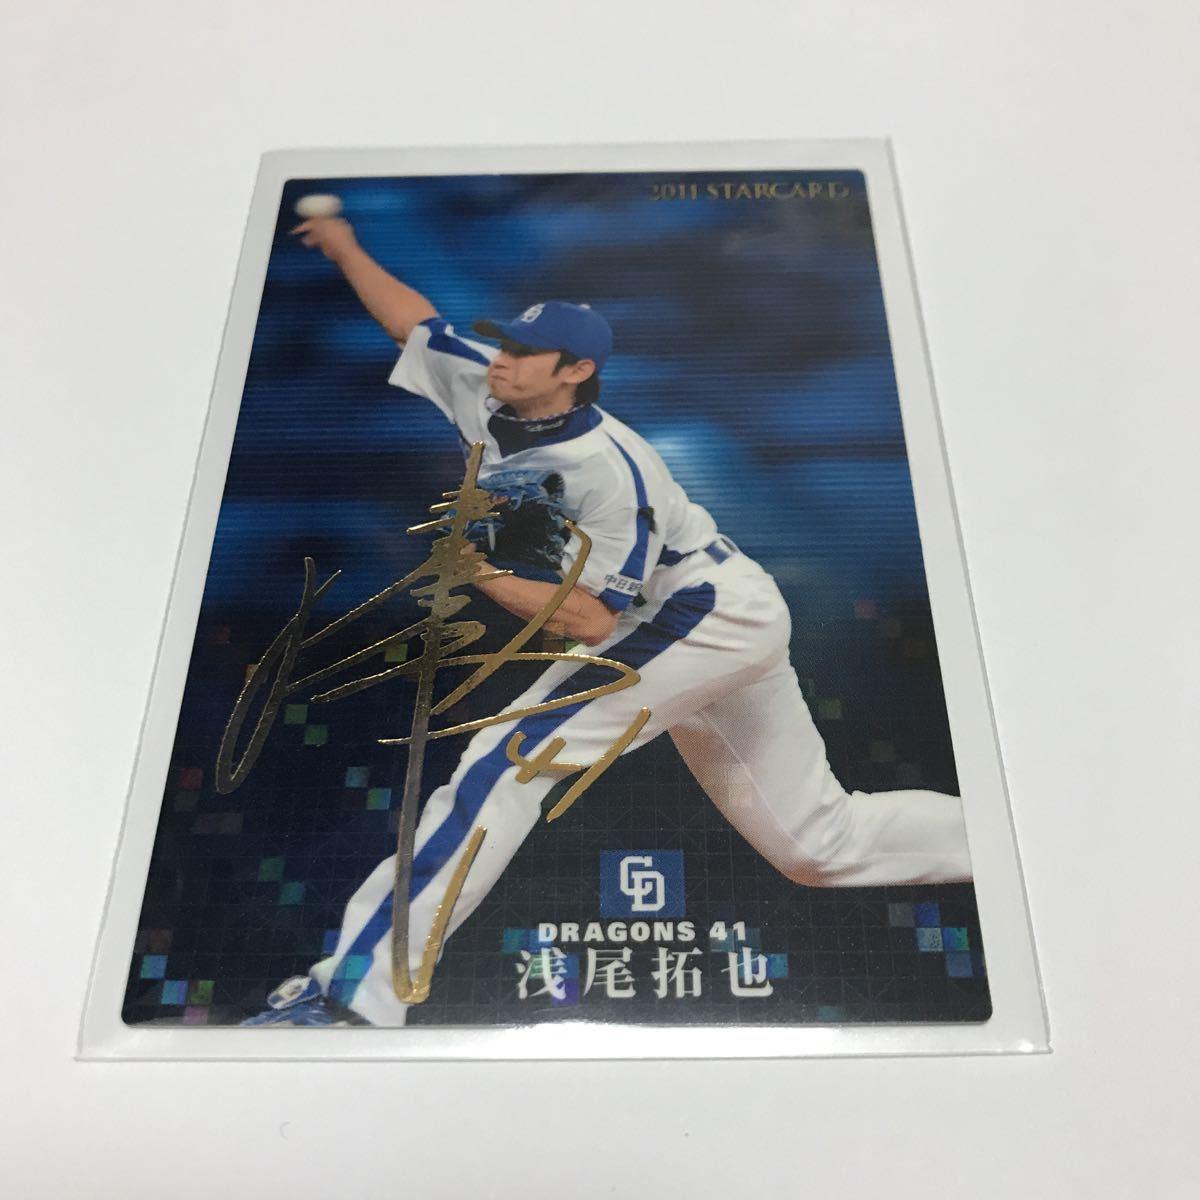 カルビー プロ野球チップス 中日ドラゴンズ 浅尾拓也 金箔サインカード 2011年_画像1